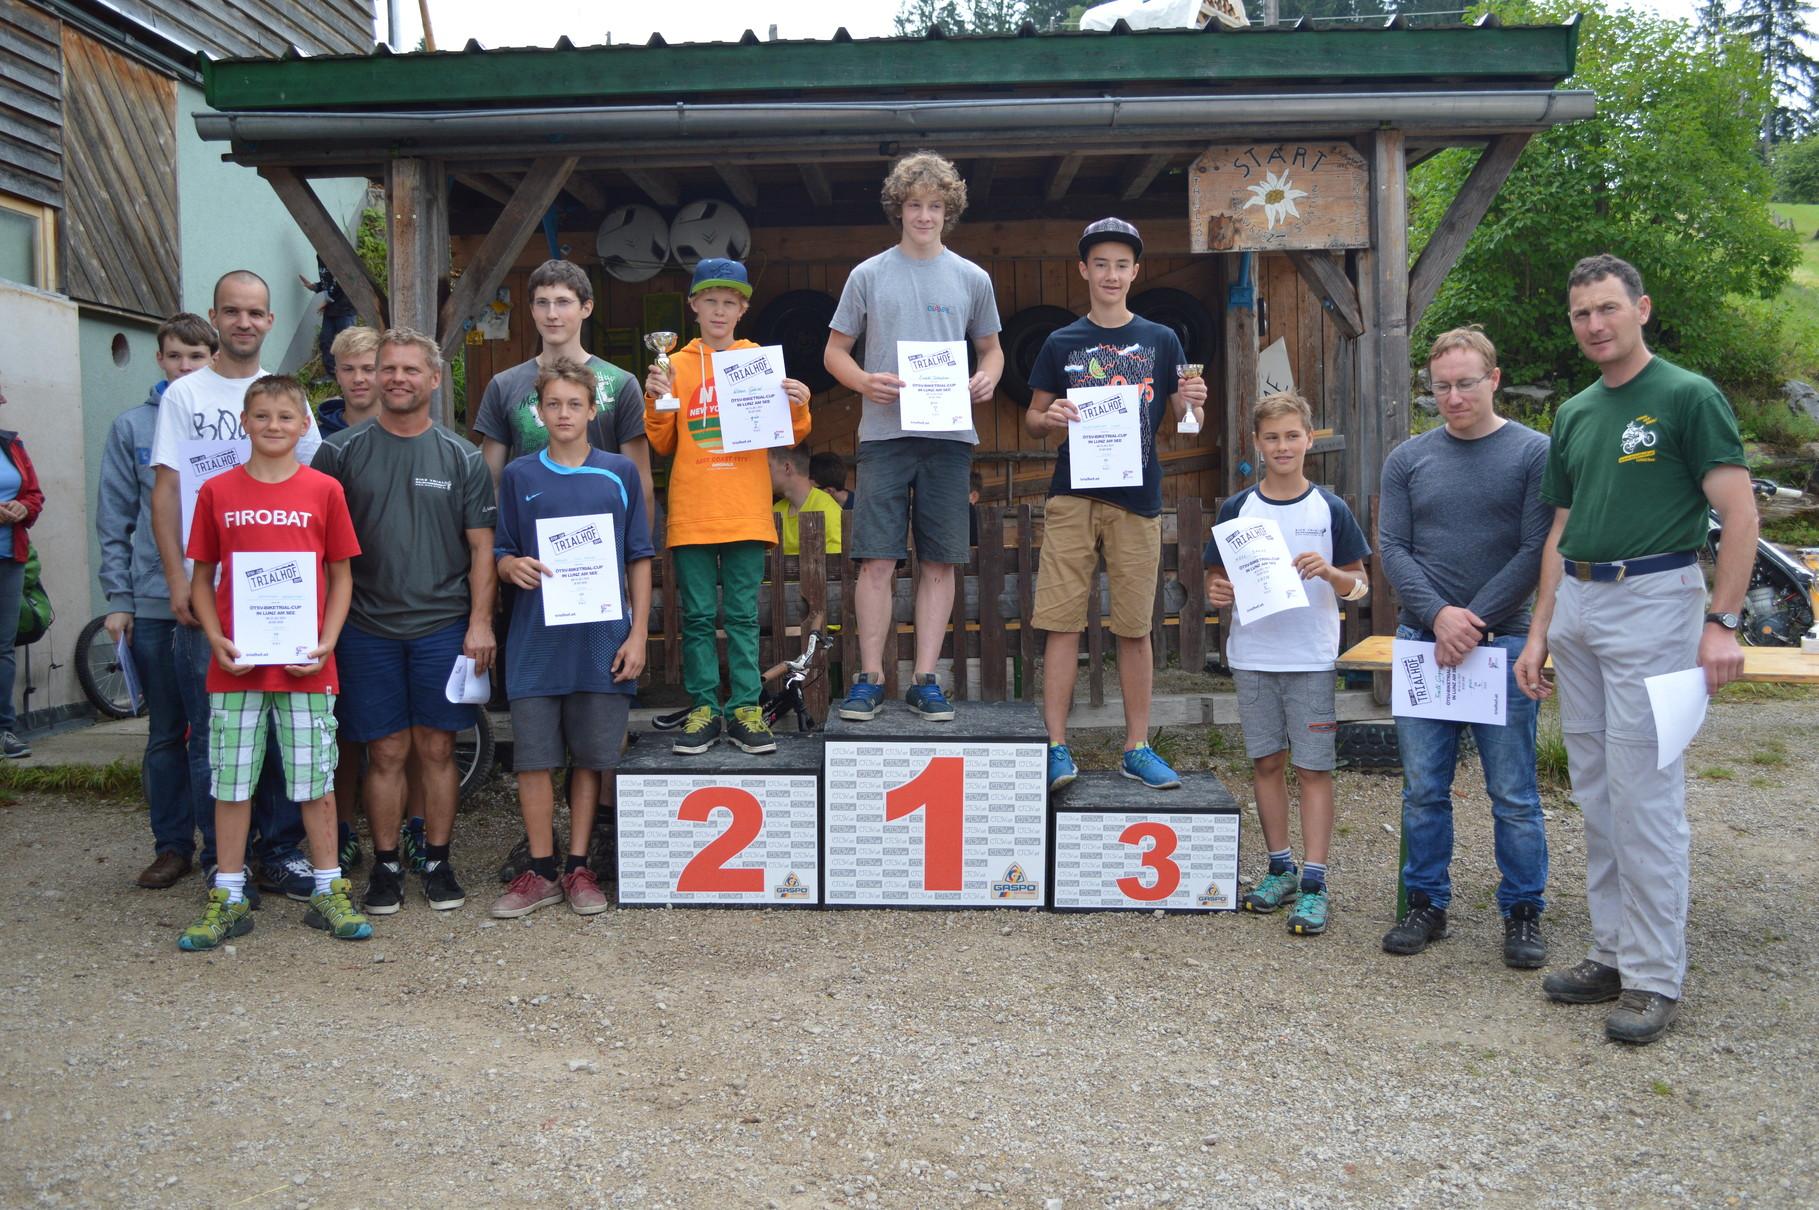 2. Platz Trialbike  grüne Spur Lunz am See 2014